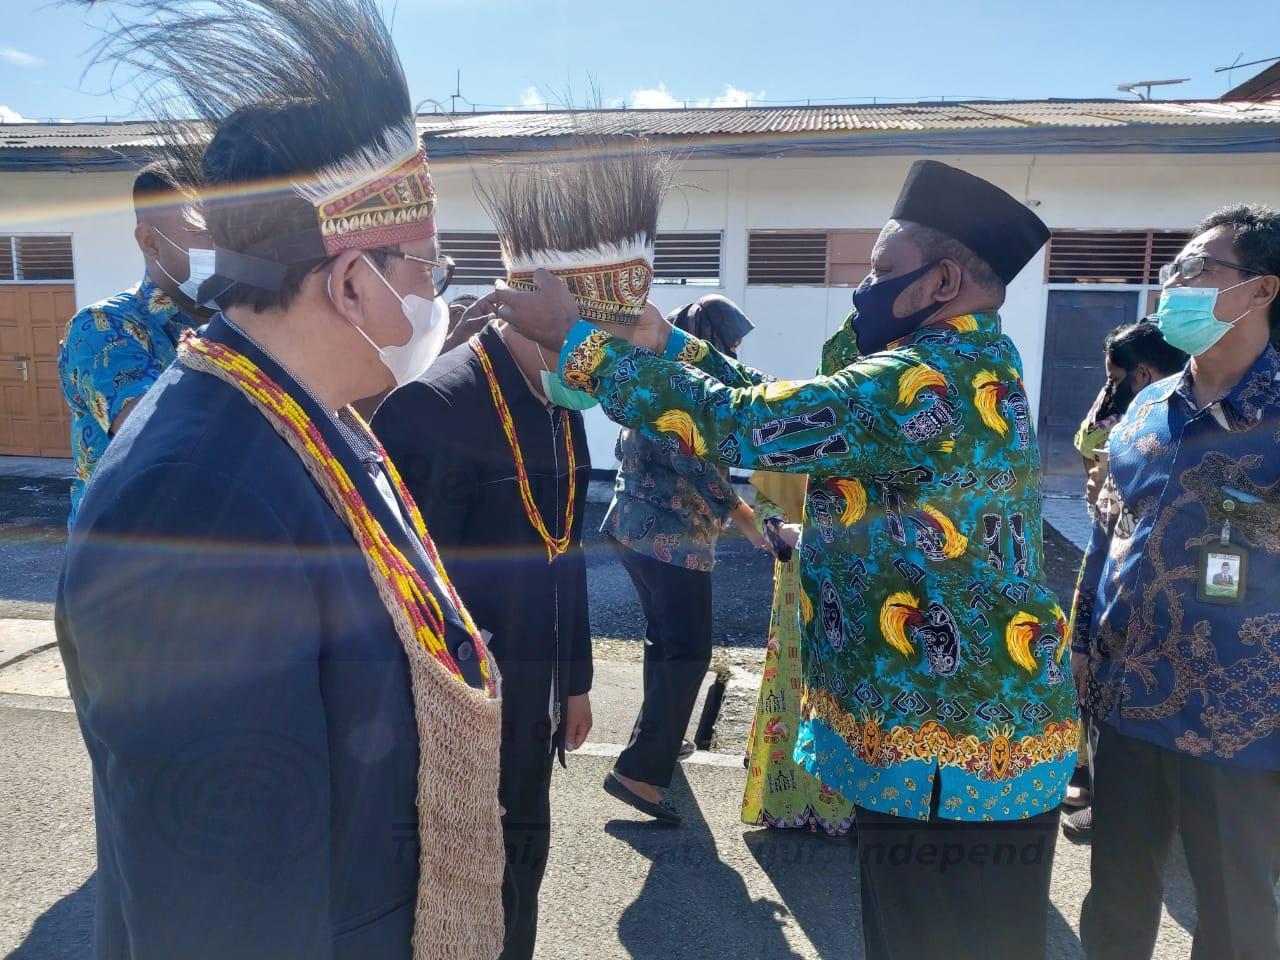 Tiba di Manokwari, Wakil Menteri Agama Disambut Prosesi Adat Injak Piring 17 IMG 20200821 WA0006